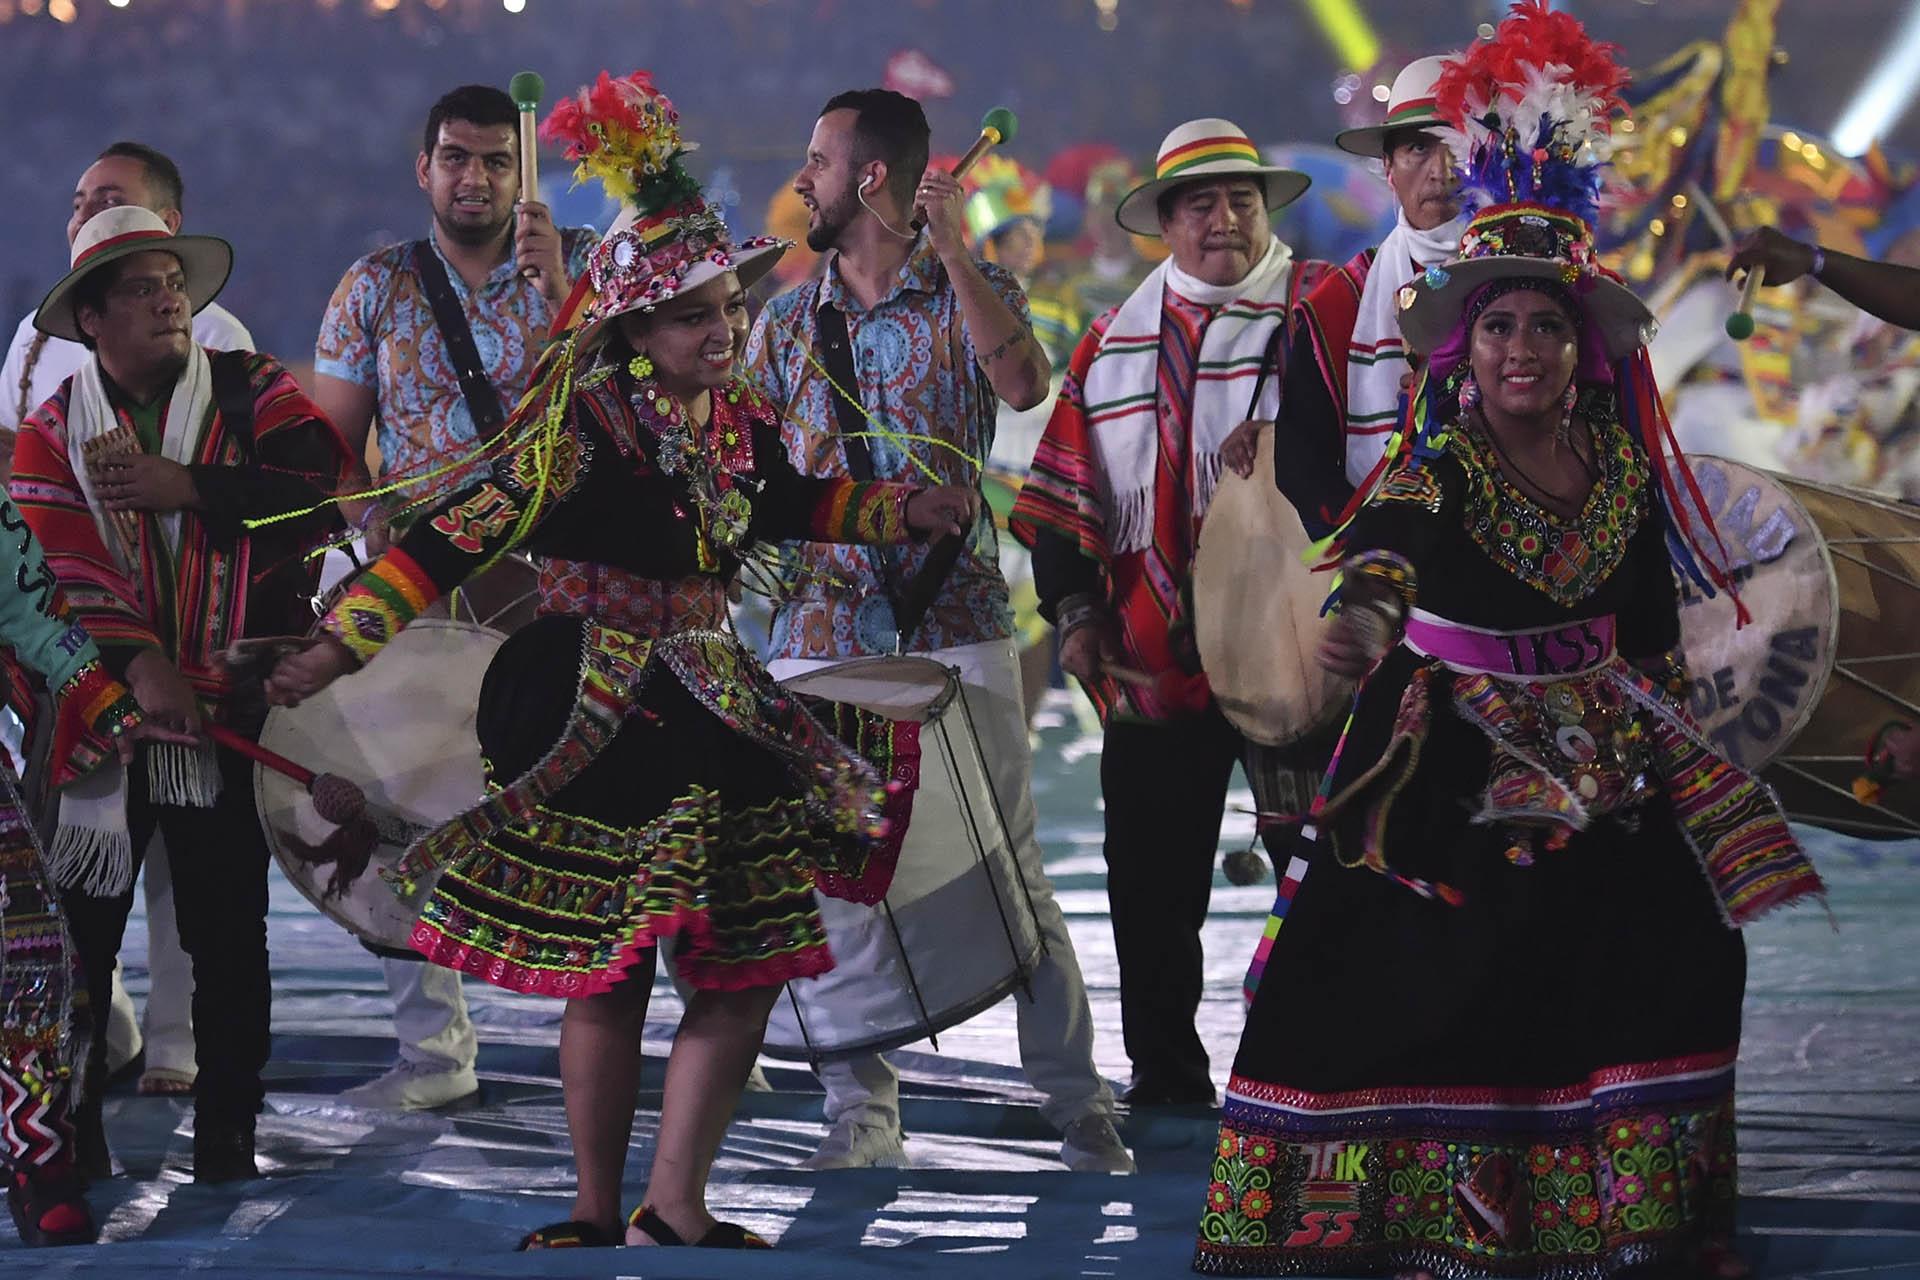 Cada país estuvo representado no sólo por los trajes típicos y la música, también hubo 12 niños identificándolos